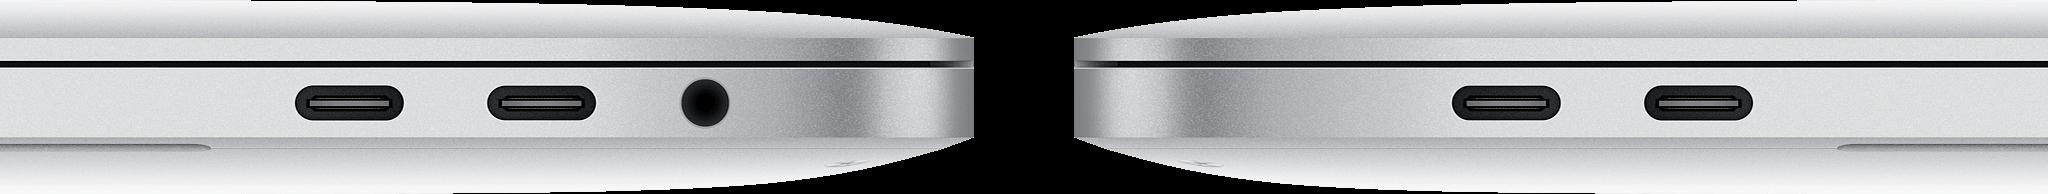 MacBooks Pro Cerradas MacStore